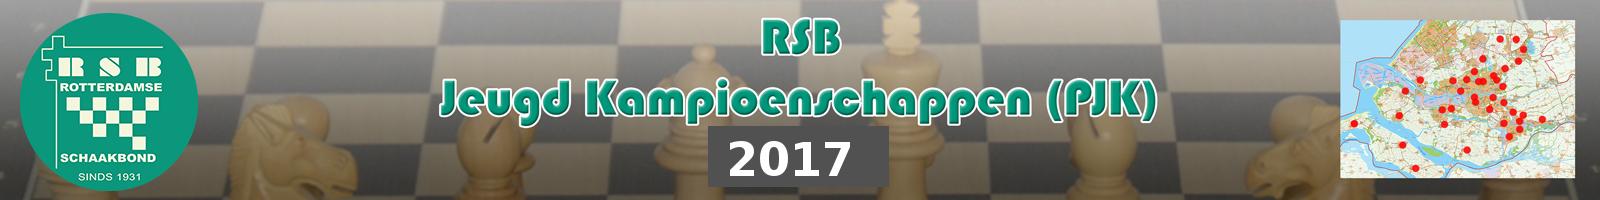 RSB Jeugd Schaakkampioenschappen 2017